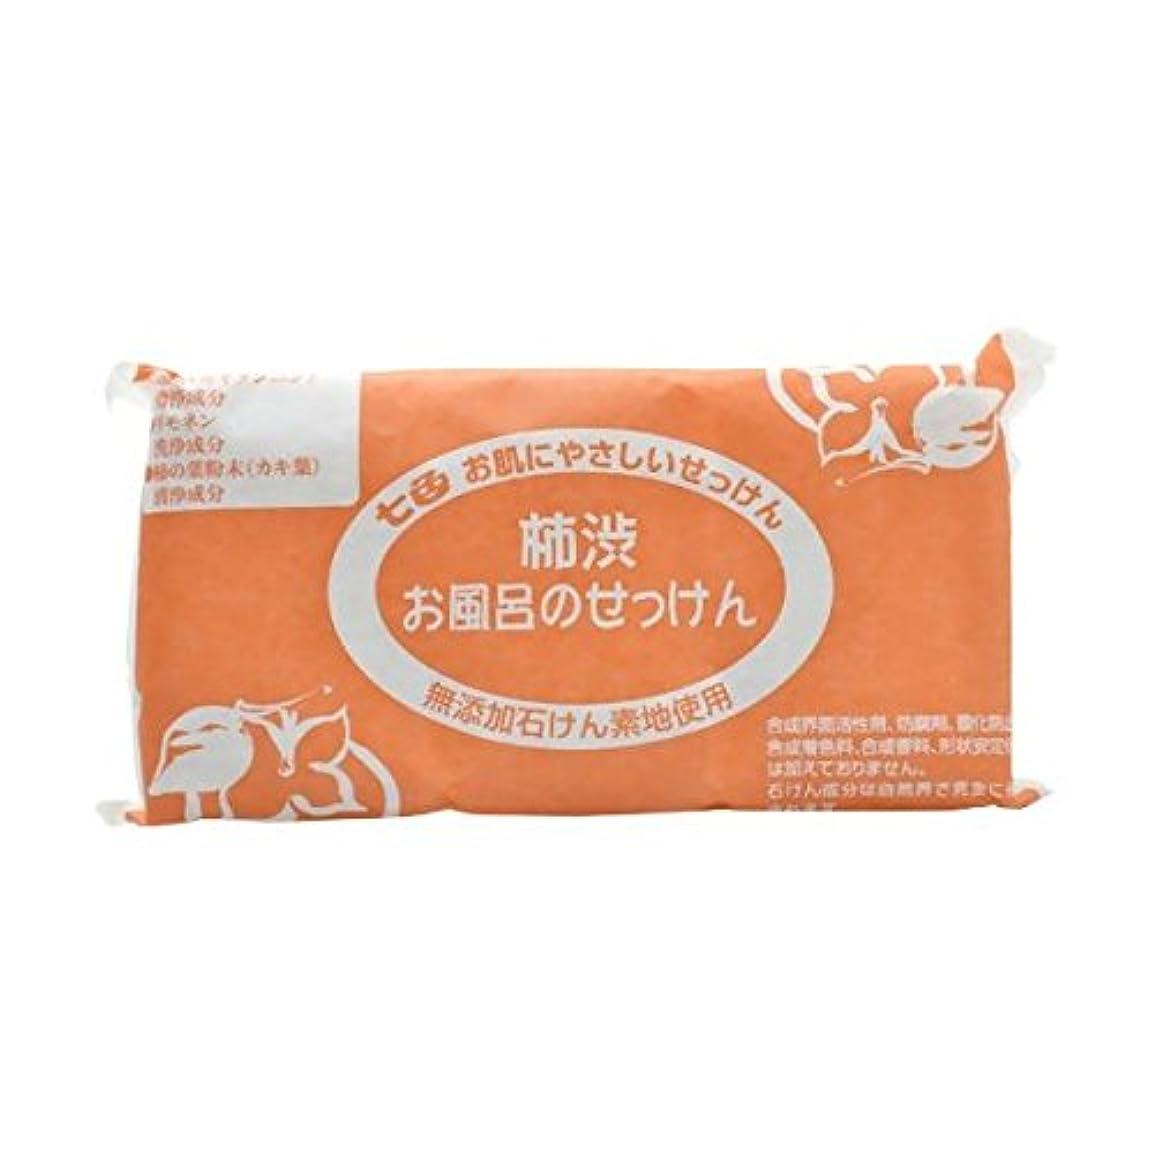 純粋な誇りどれ(まとめ買い)七色 お風呂のせっけん 柿渋(無添加石鹸) 100g×3個入×9セット